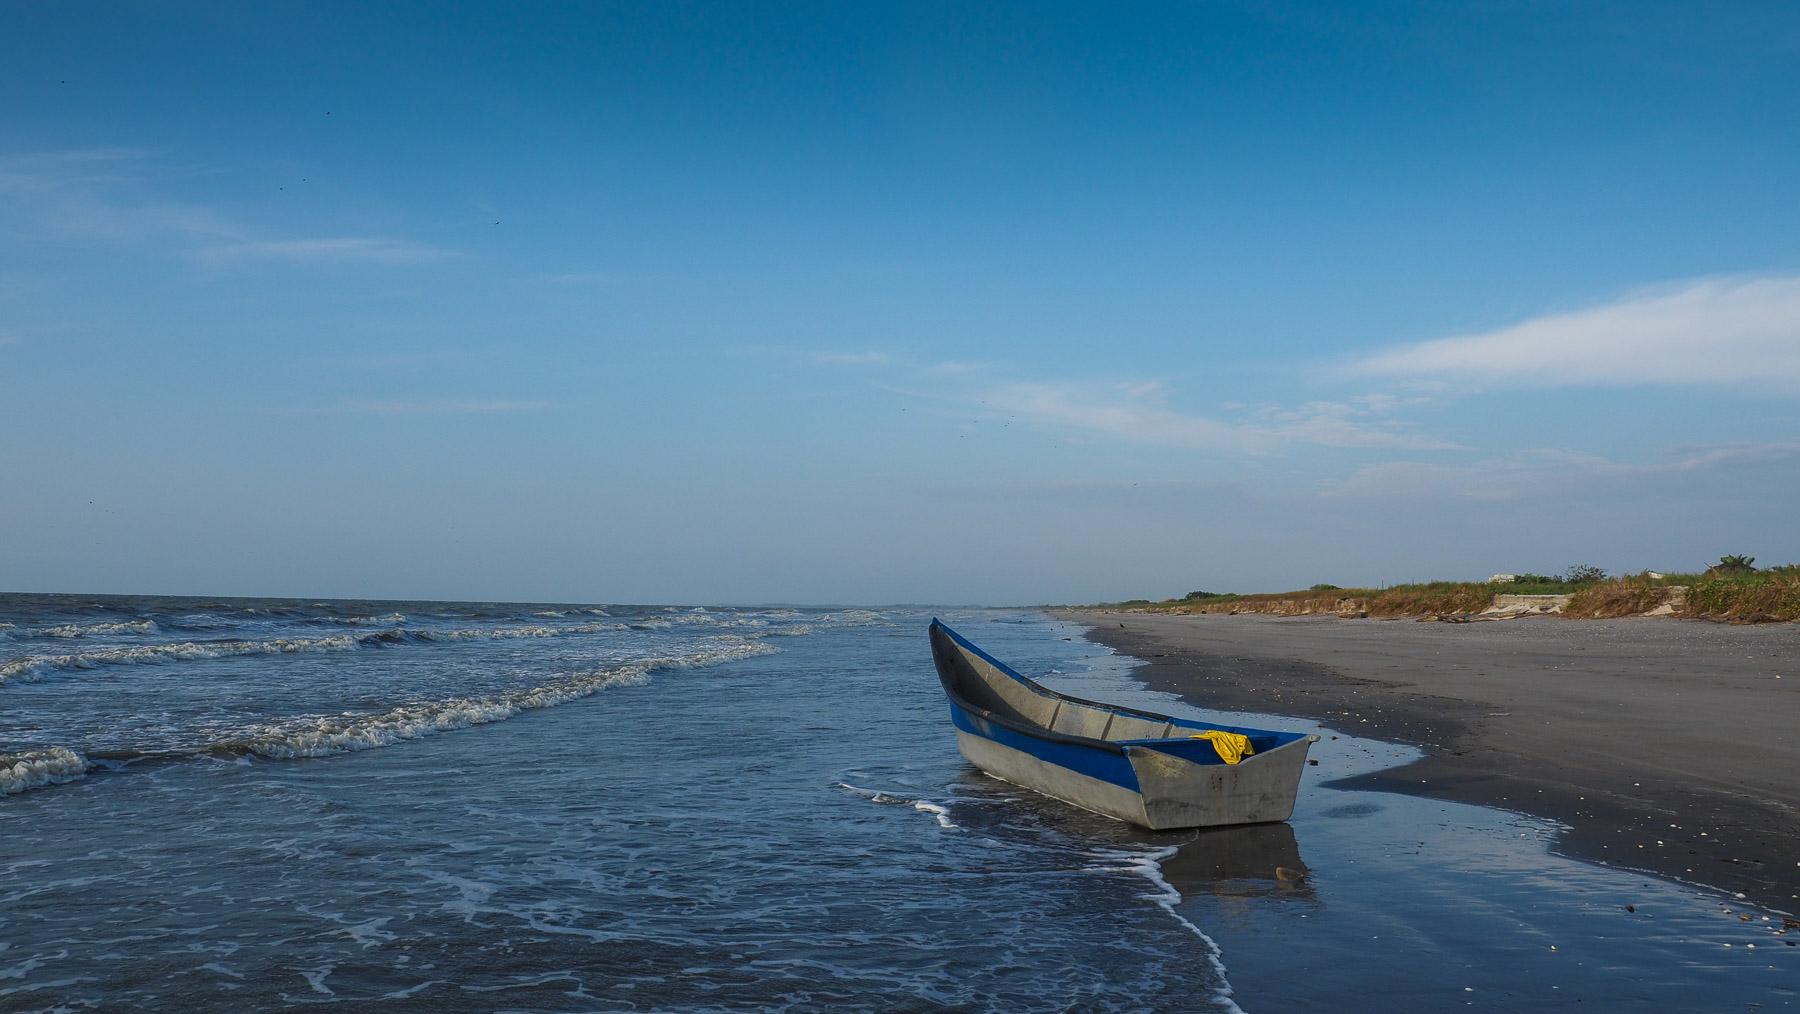 Schöner menschenleerer Strand. Hierher kommen keine Touristen